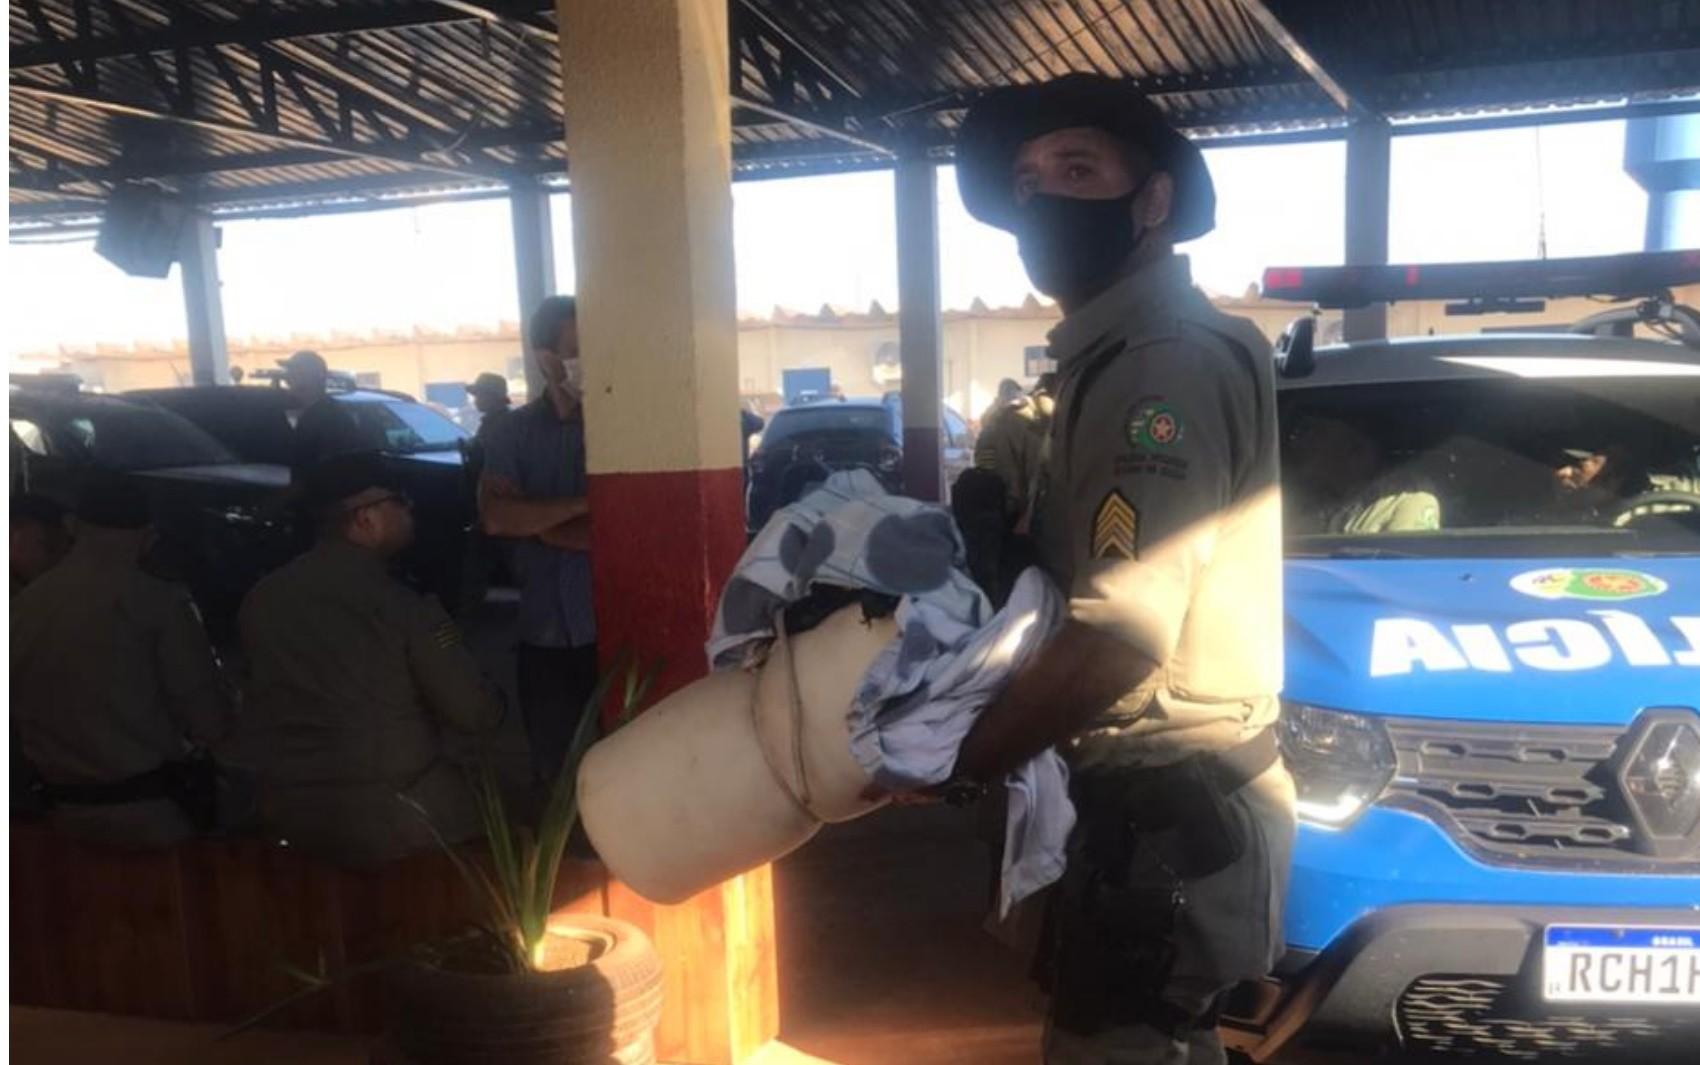 Buscas a Lázaro entram no 10° dia com ao menos 11 propriedades invadidas e 4 pessoas feitas reféns pelo suspeito de chacina no DF